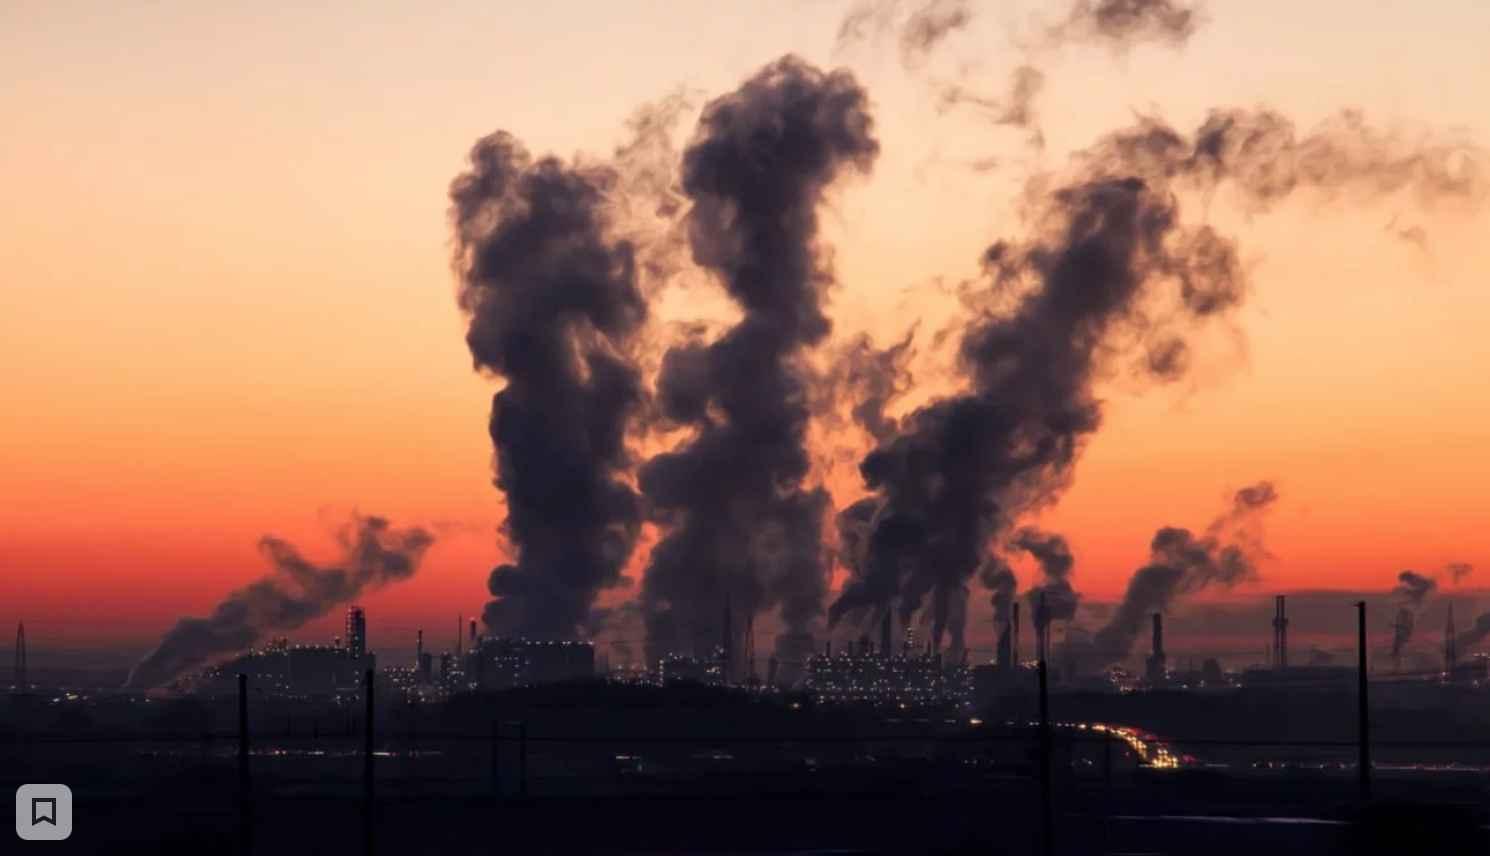 У борьбы с загрязнением воздуха в Китае возник опасный побочный эффект